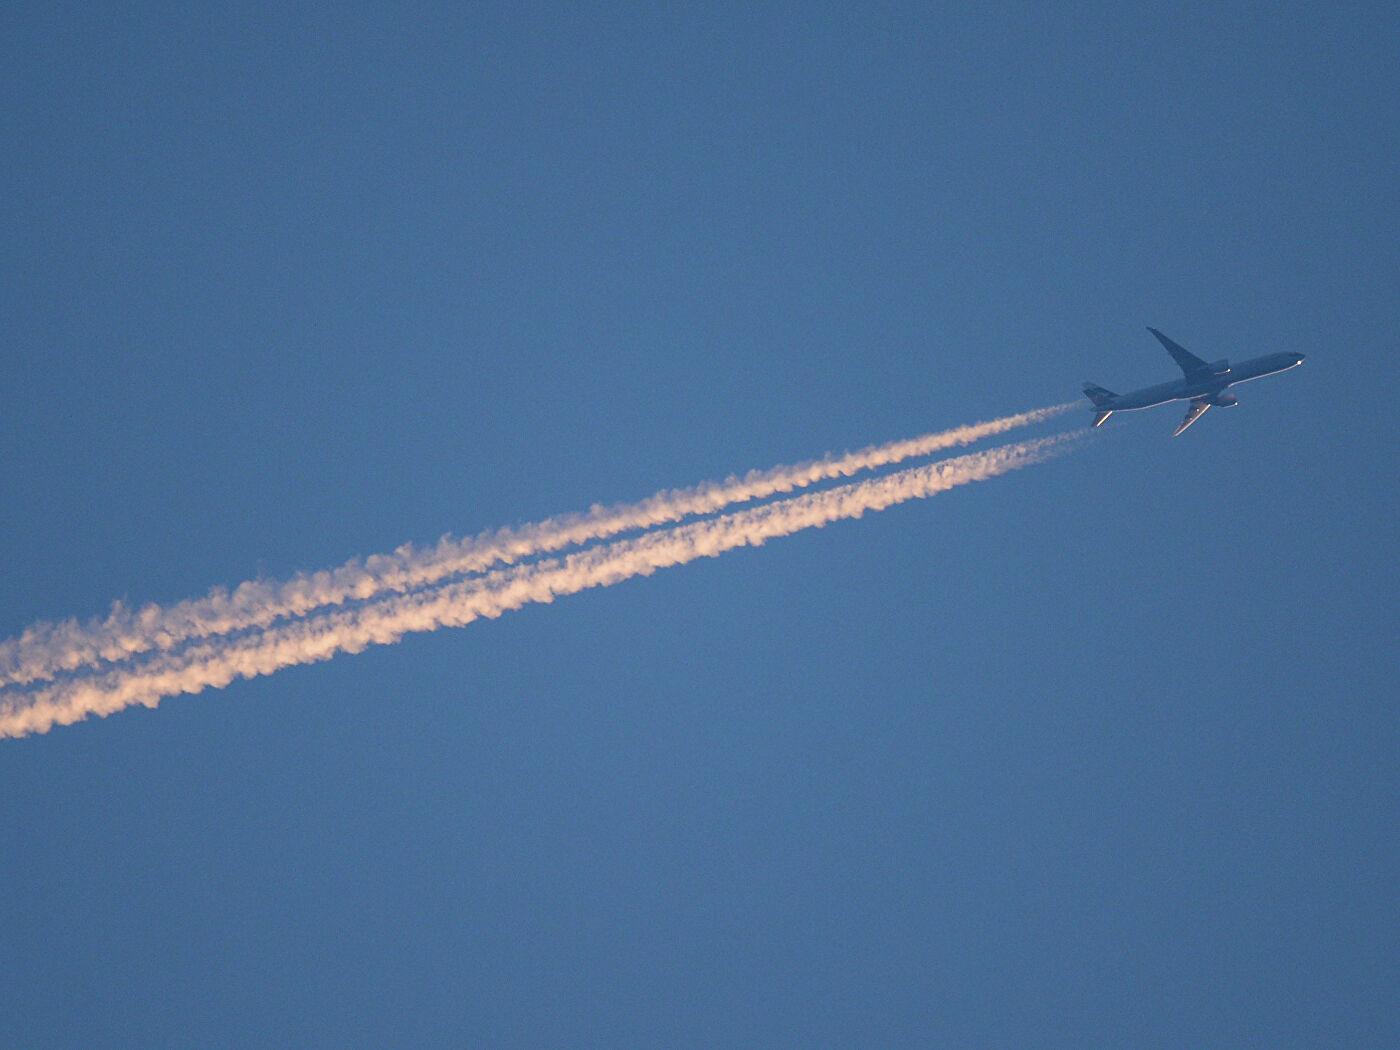 Глава Якутии: Дальневосточная авиакомпания должна решить вопрос с доступностью авиабилетов